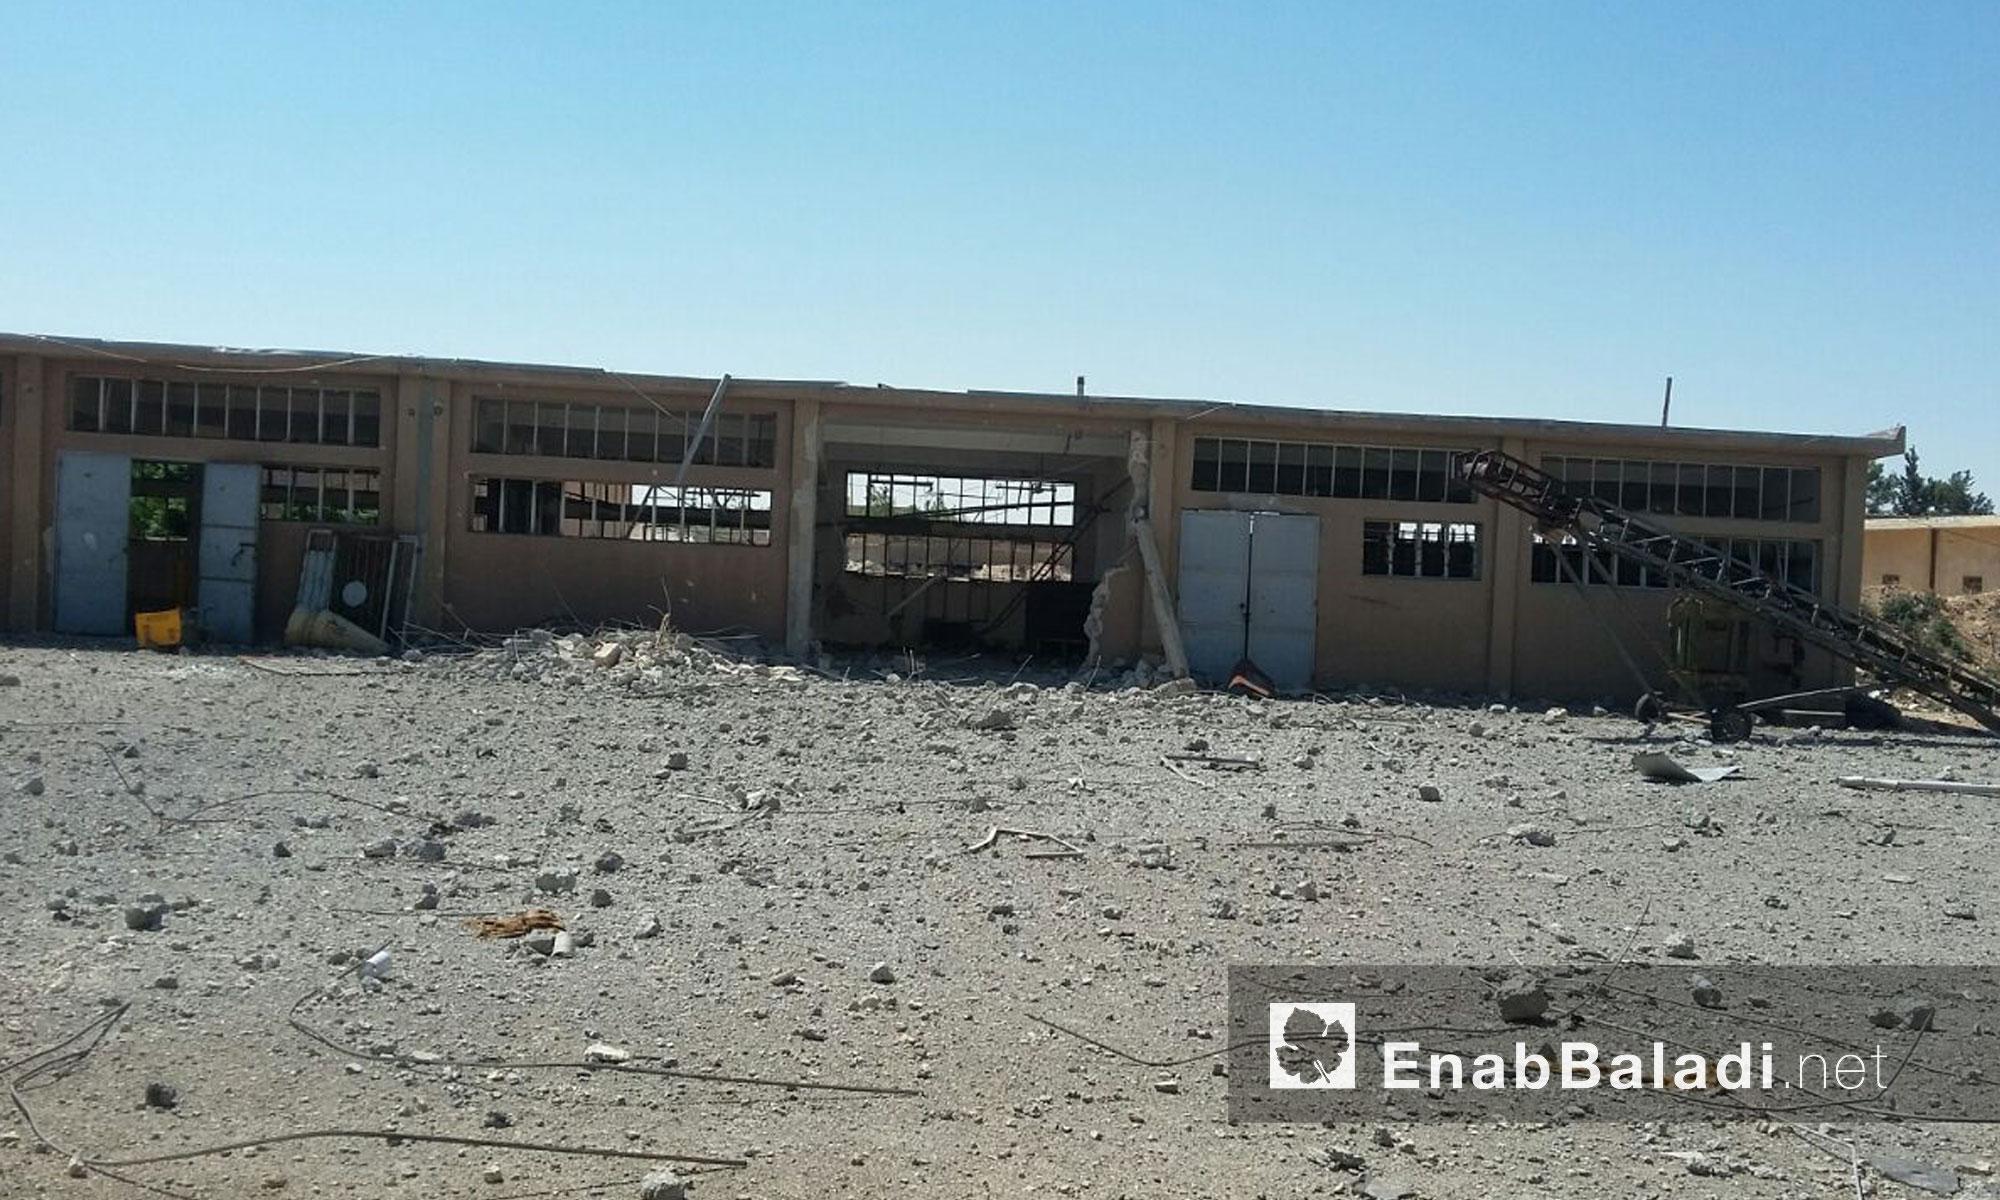 وتظهر الصور الملتقطة حجم الأضرار المادية التي لحقت بالصوامع التي أعدت لتخزين الحبوب في ريف حلب الشرقي، وتعّد من أبرز القطاعات الاقتصادية في المدينة.